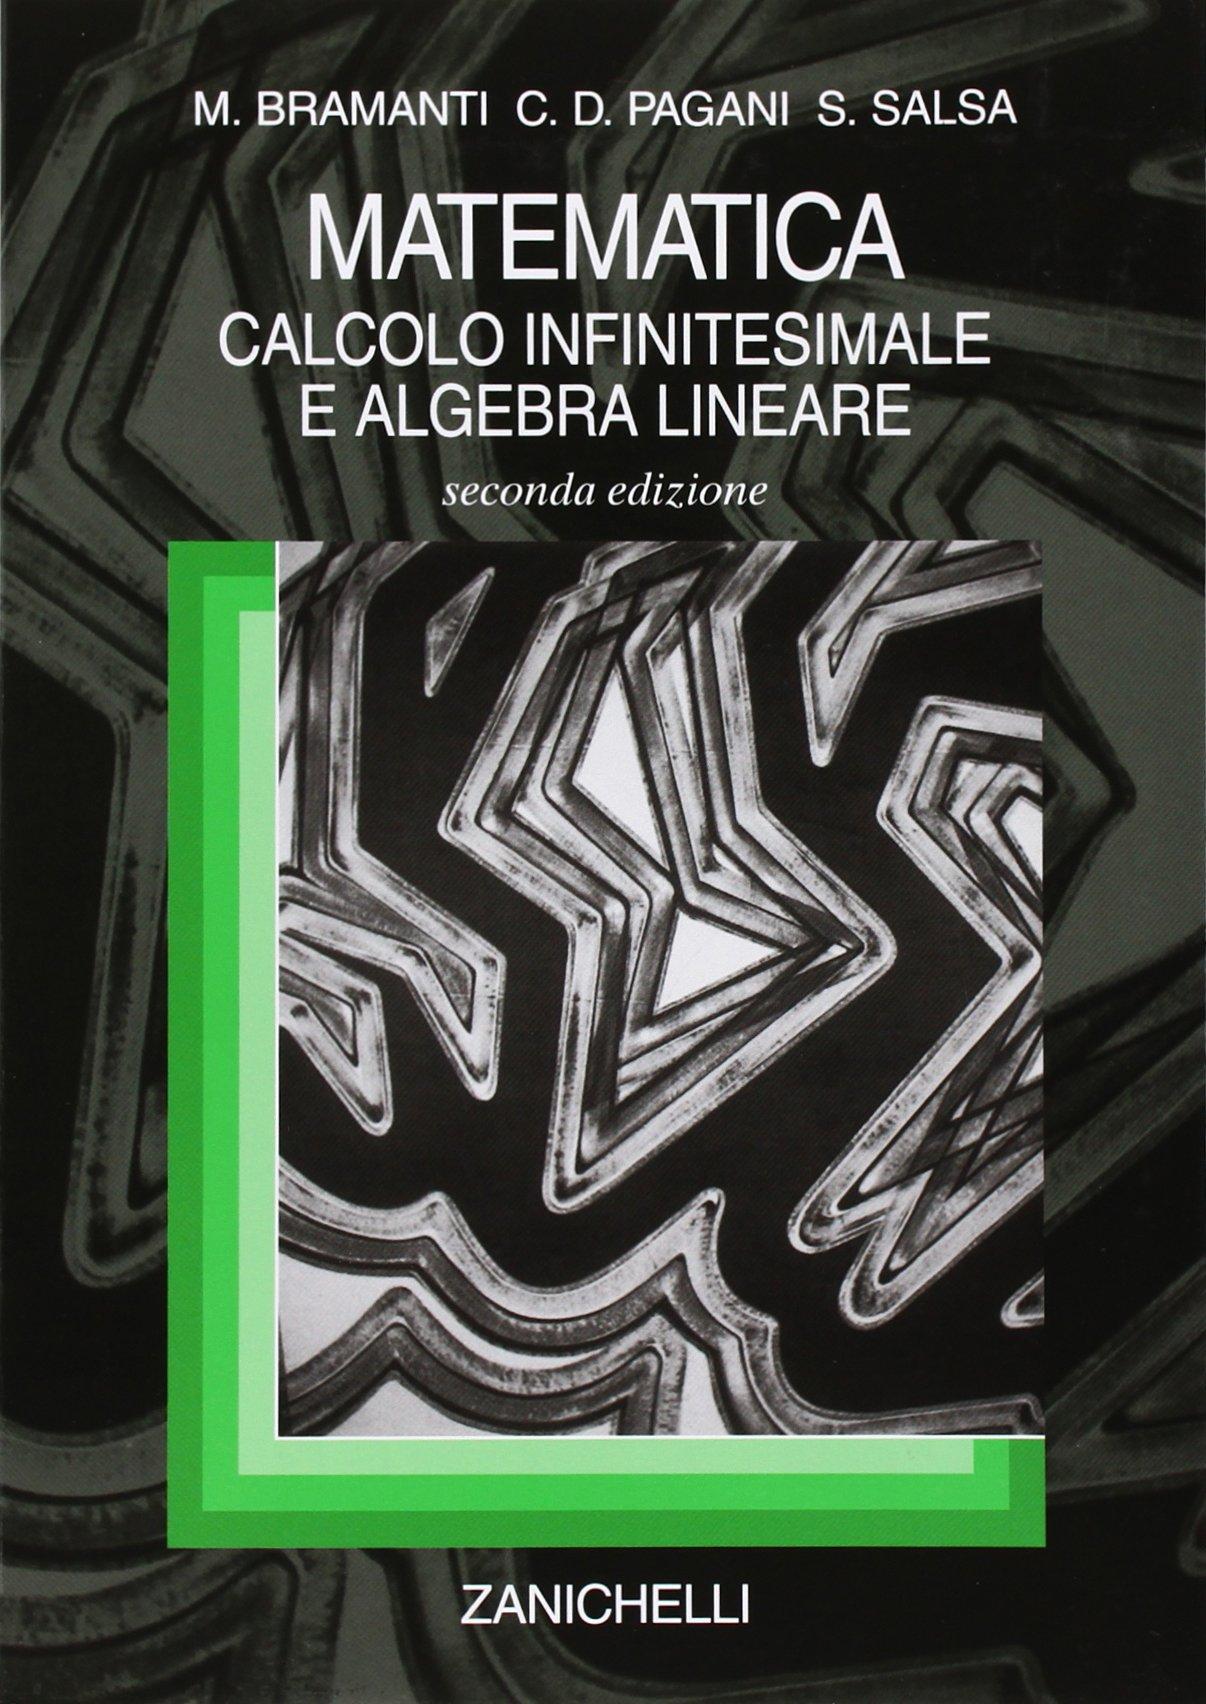 Matematica: calcolo infinitesimale e algebra lineare. M. Bramanti, C. D. Pagani, S. Salsa